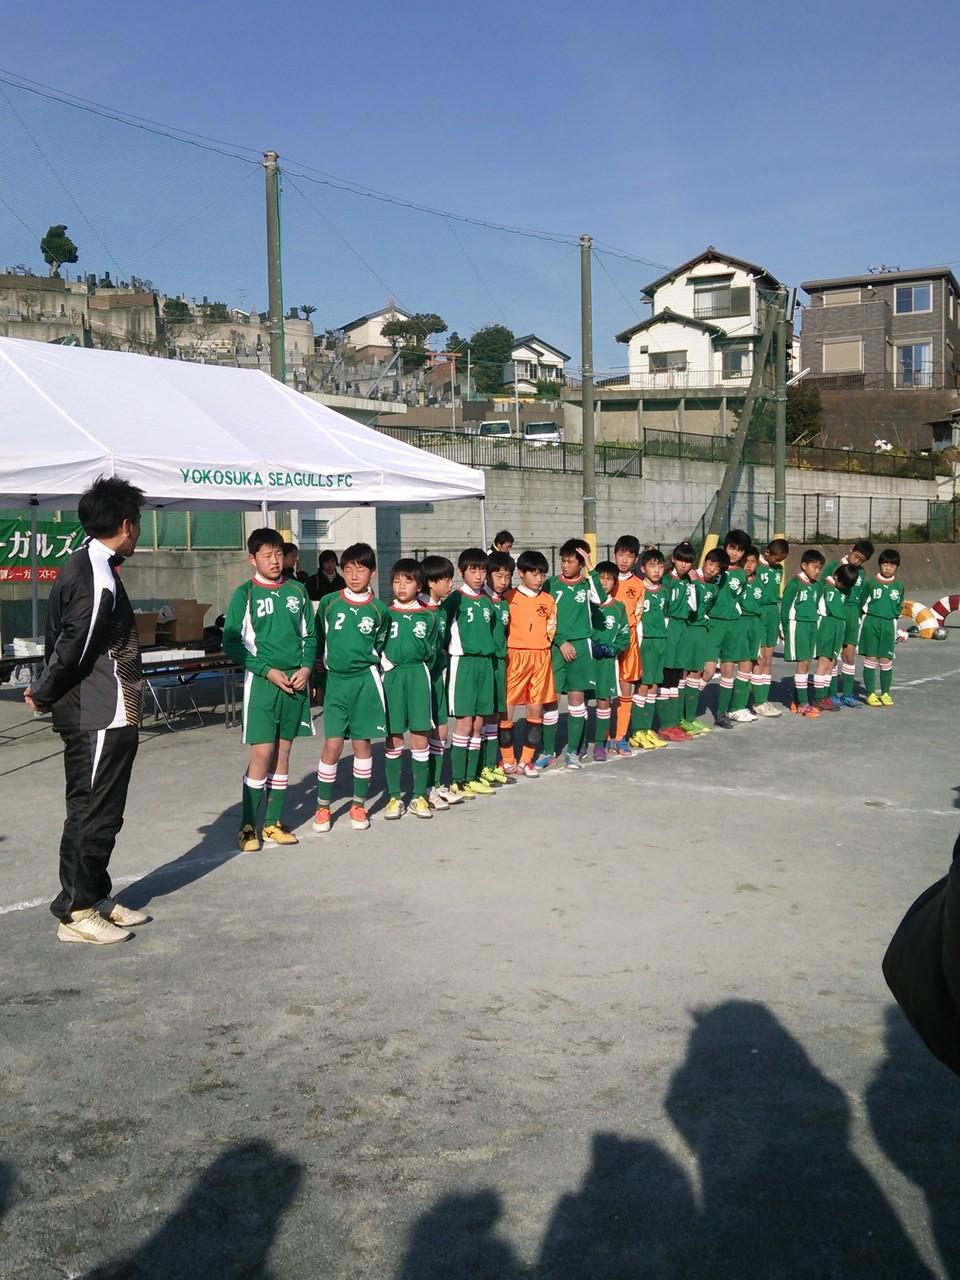 第37期 卒団式(6年生を送る会)